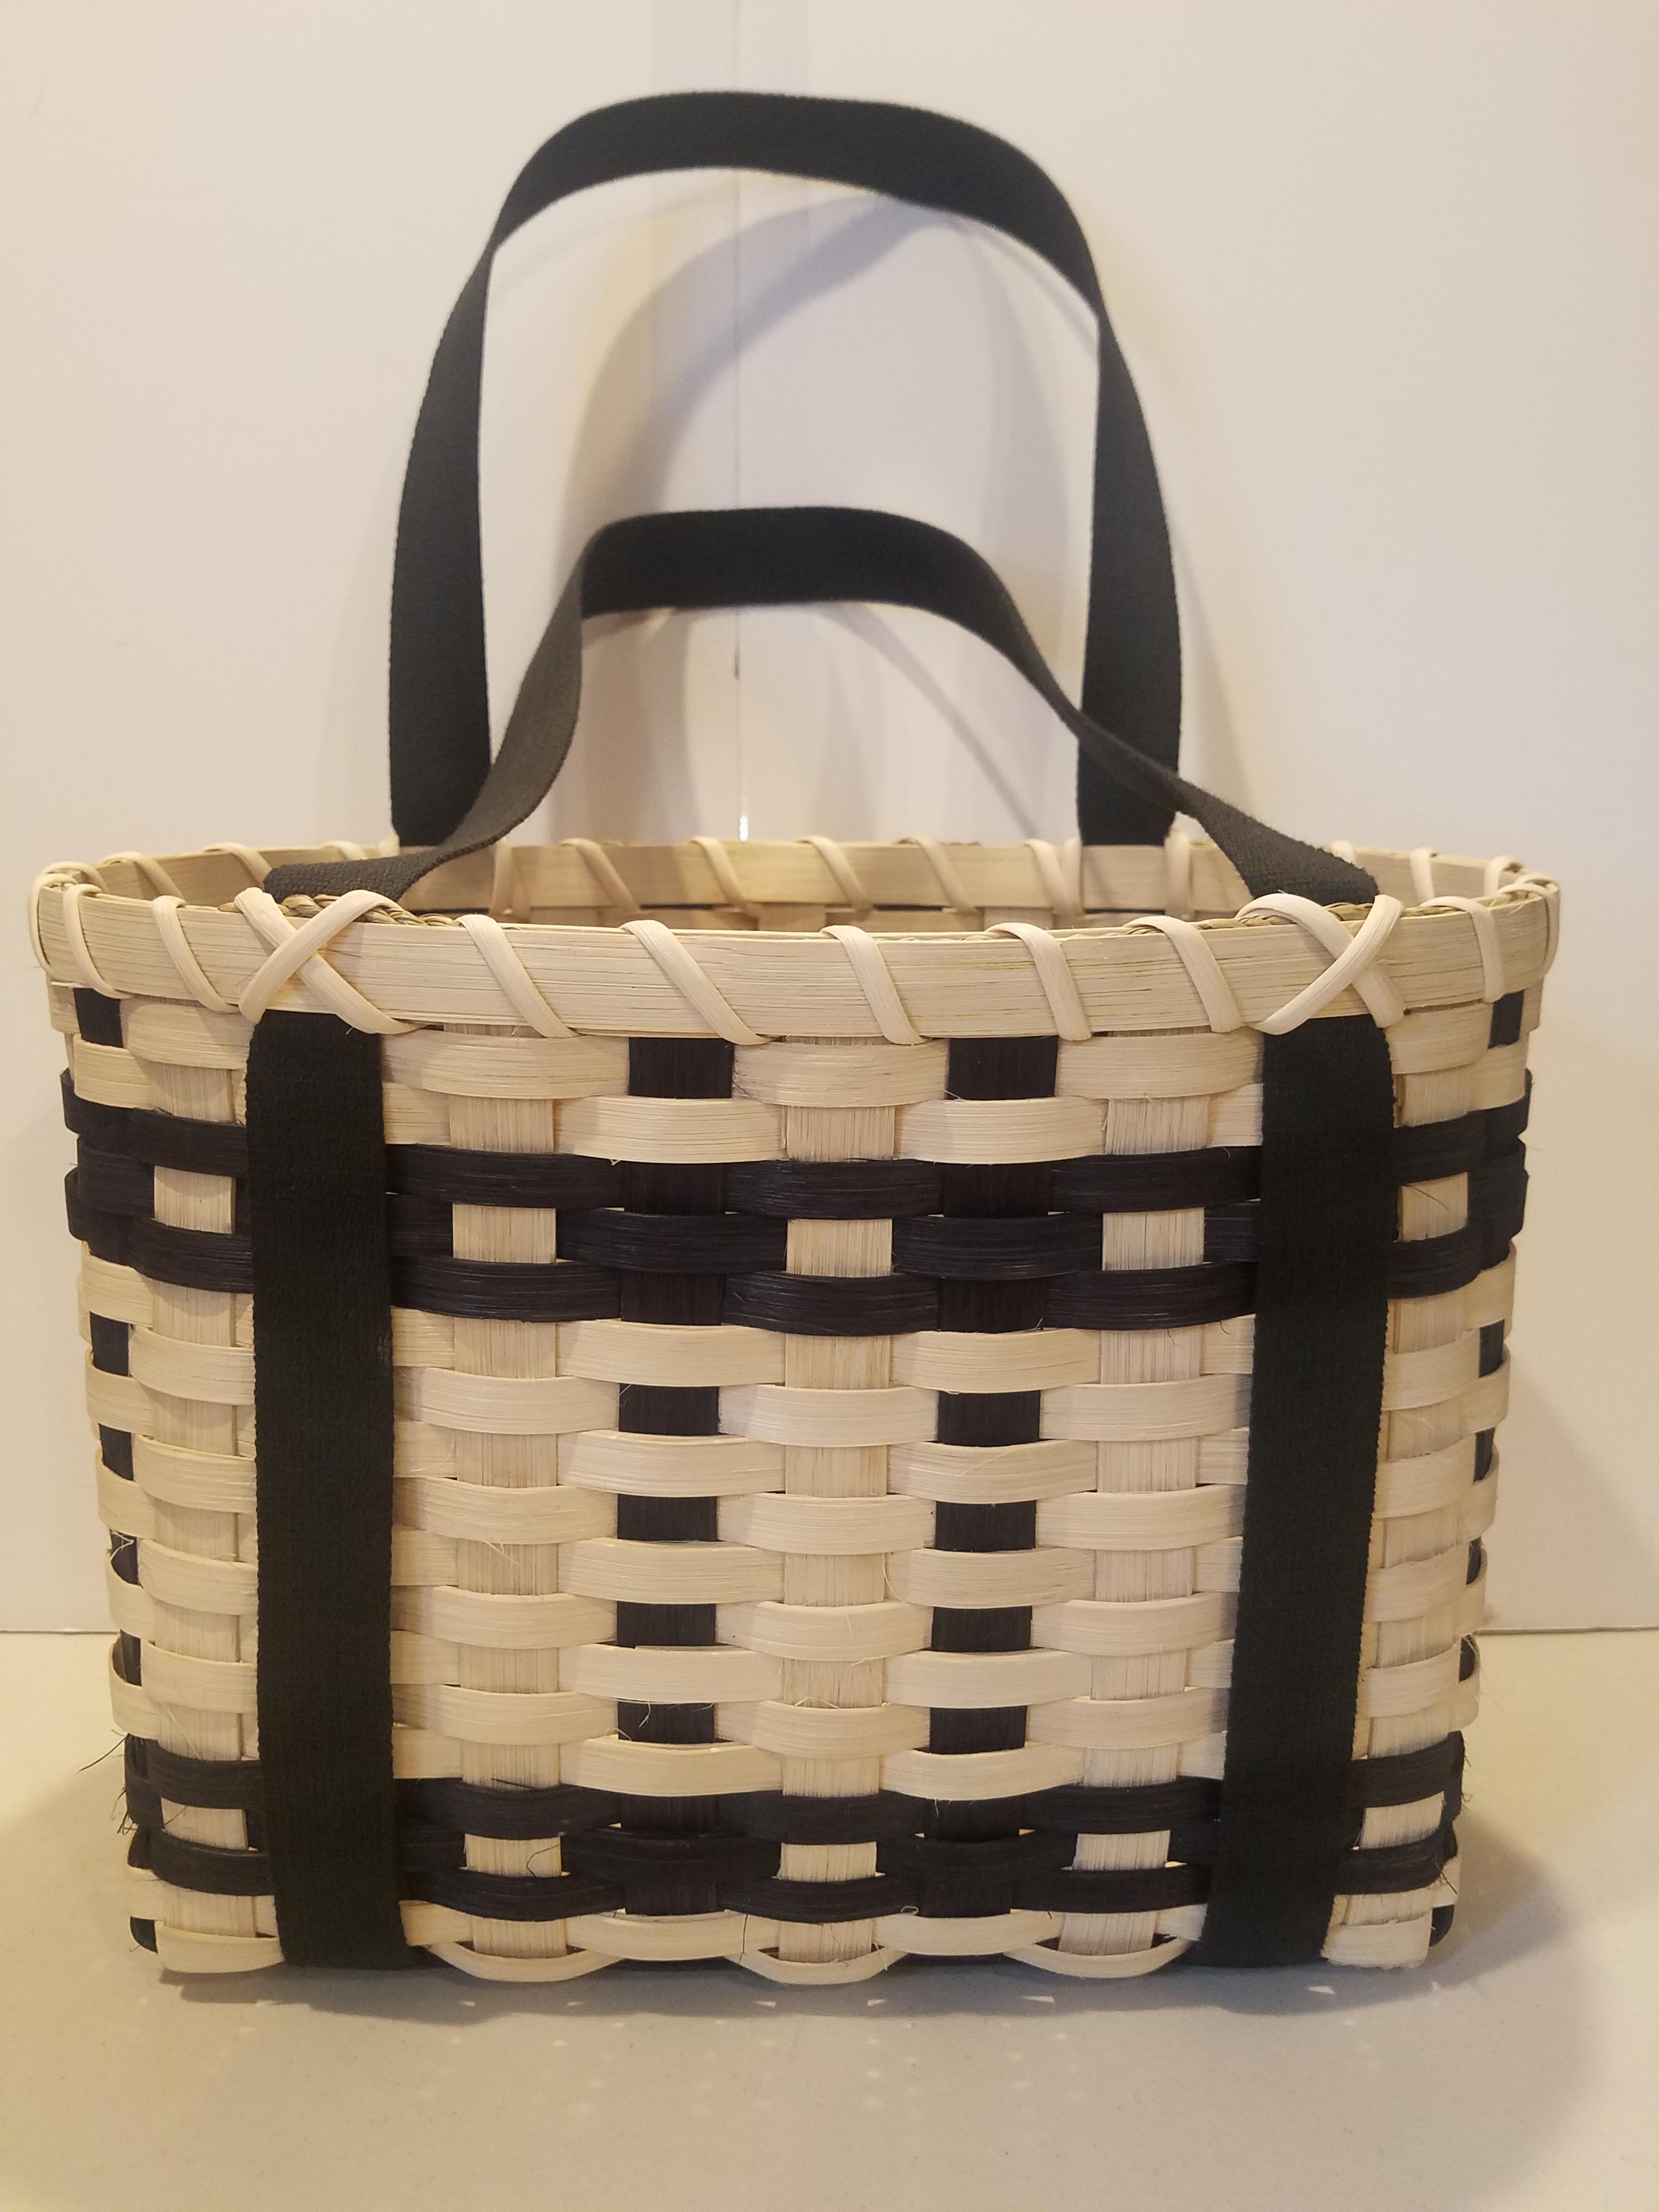 Adult Beginner Basketry Workshop